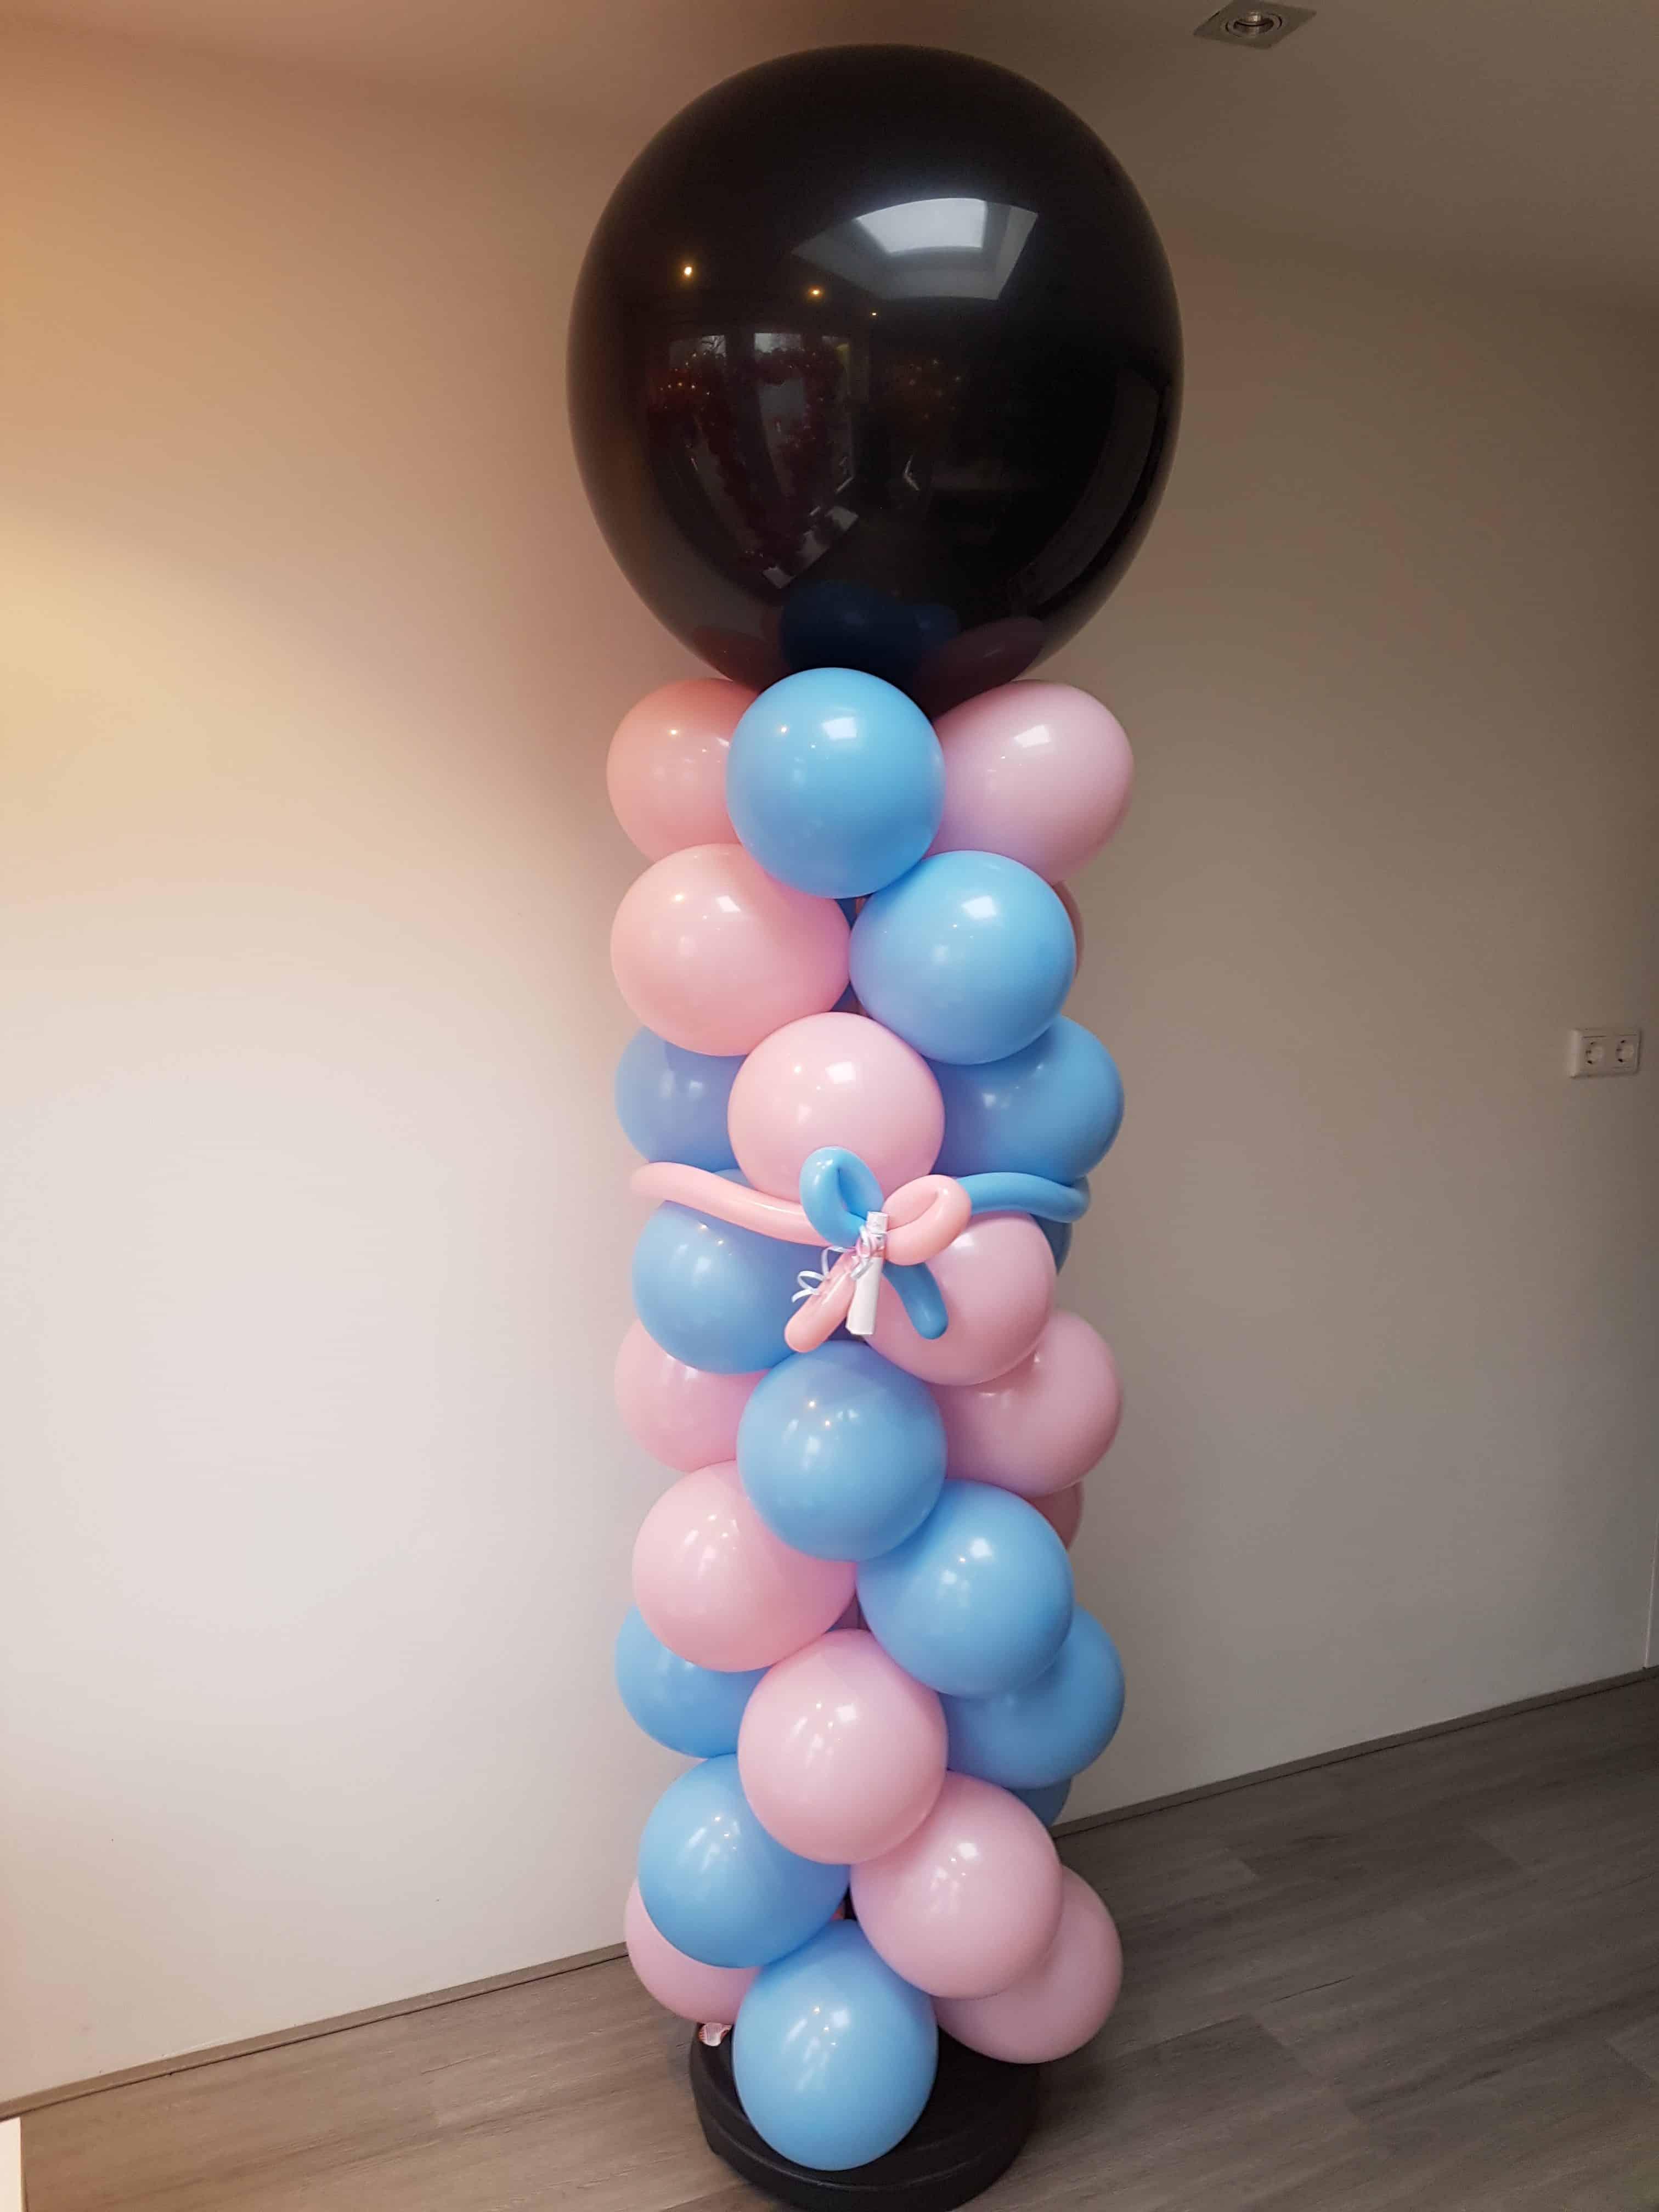 baby-meisje-jongen-vertellen-geslacht-doorprikken-ballonpilaarb